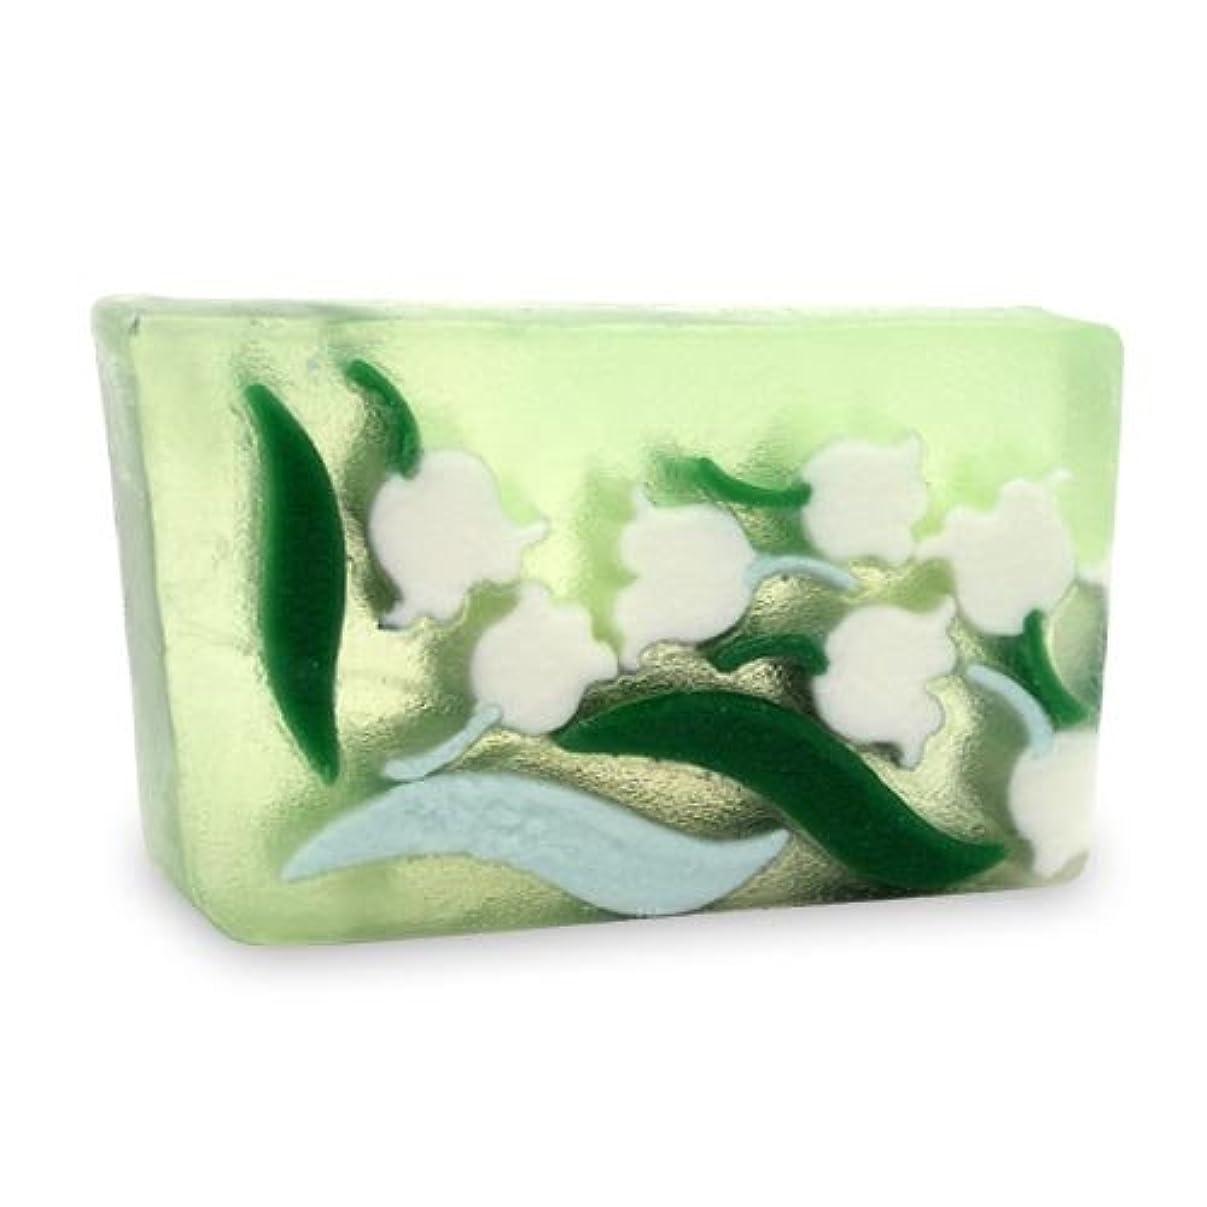 平和ビルダー地域プライモールエレメンツ アロマティック ソープ ユリ 180g 植物性 ナチュラル 石鹸 無添加